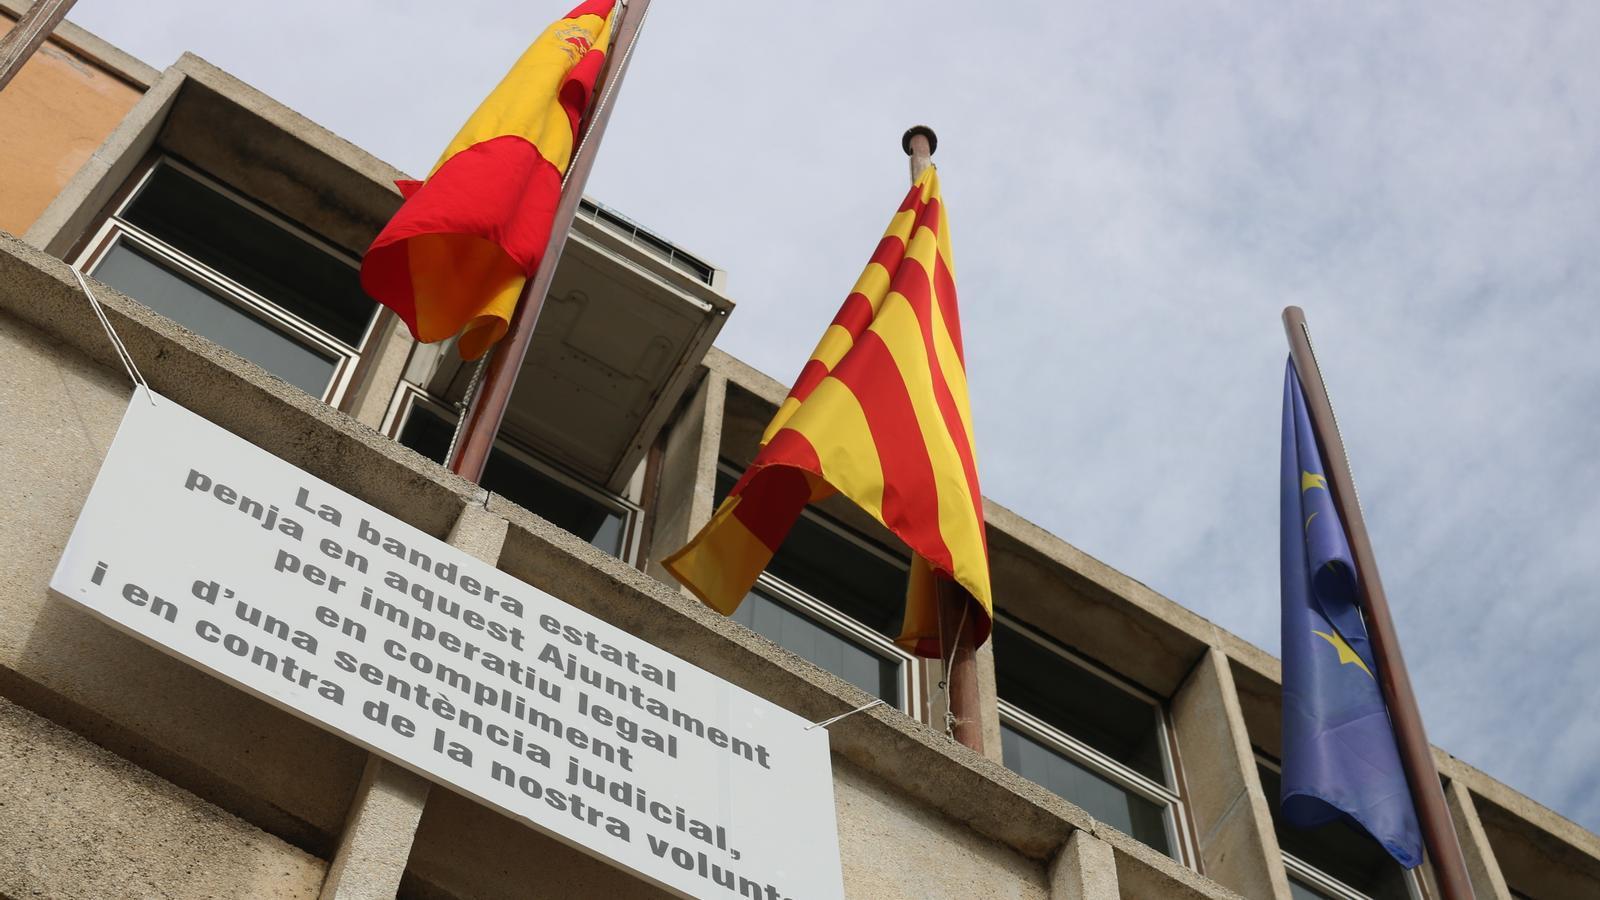 La 'rojigualda' a Santa Coloma de Farners acompanyada d'un cartell on diu que l'Ajuntament s'hi oposa / ACN